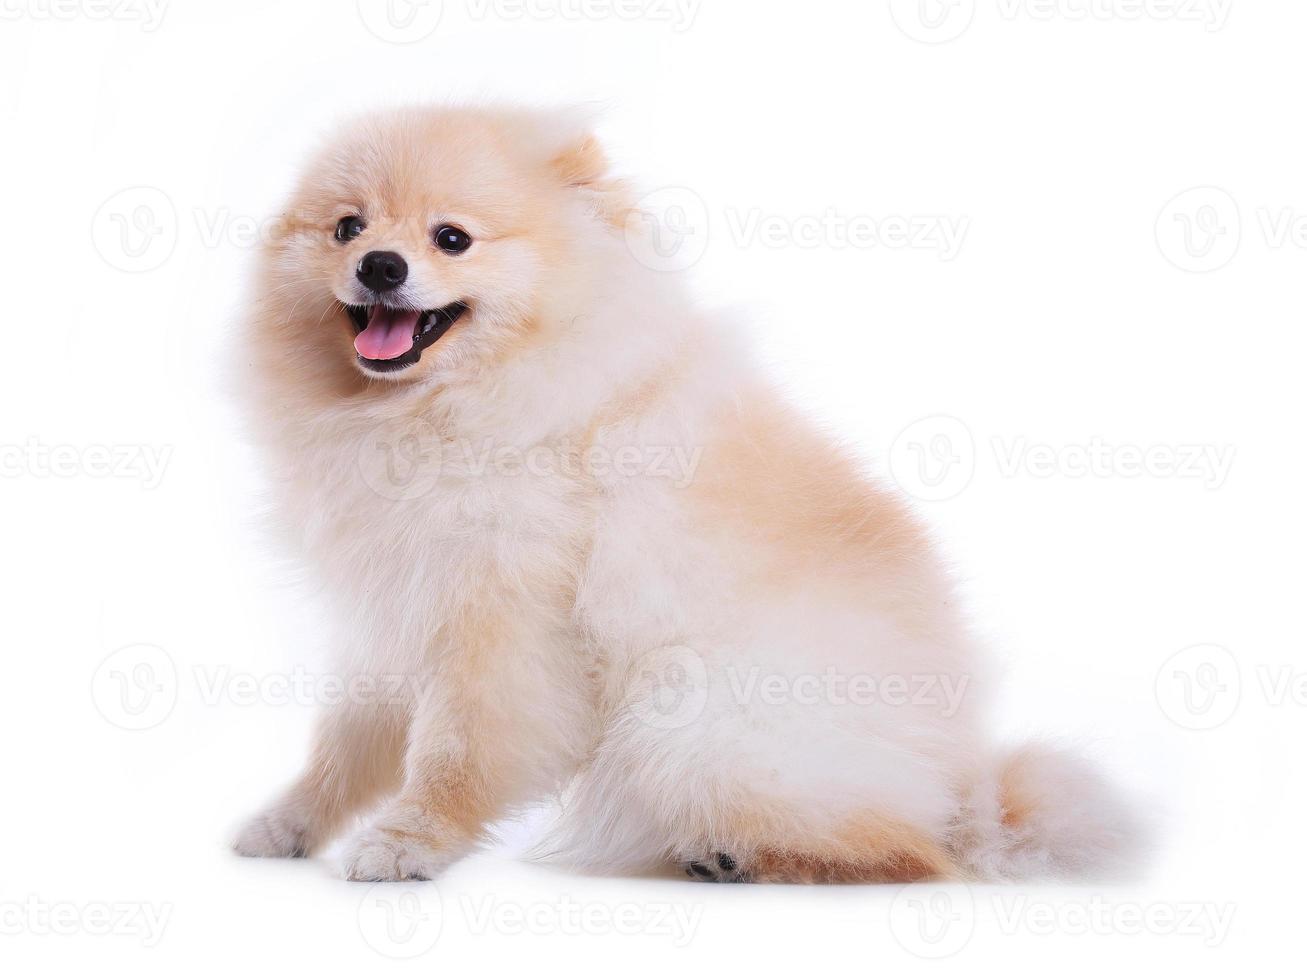 cucciolo di cane bianco pomeranian isolato foto